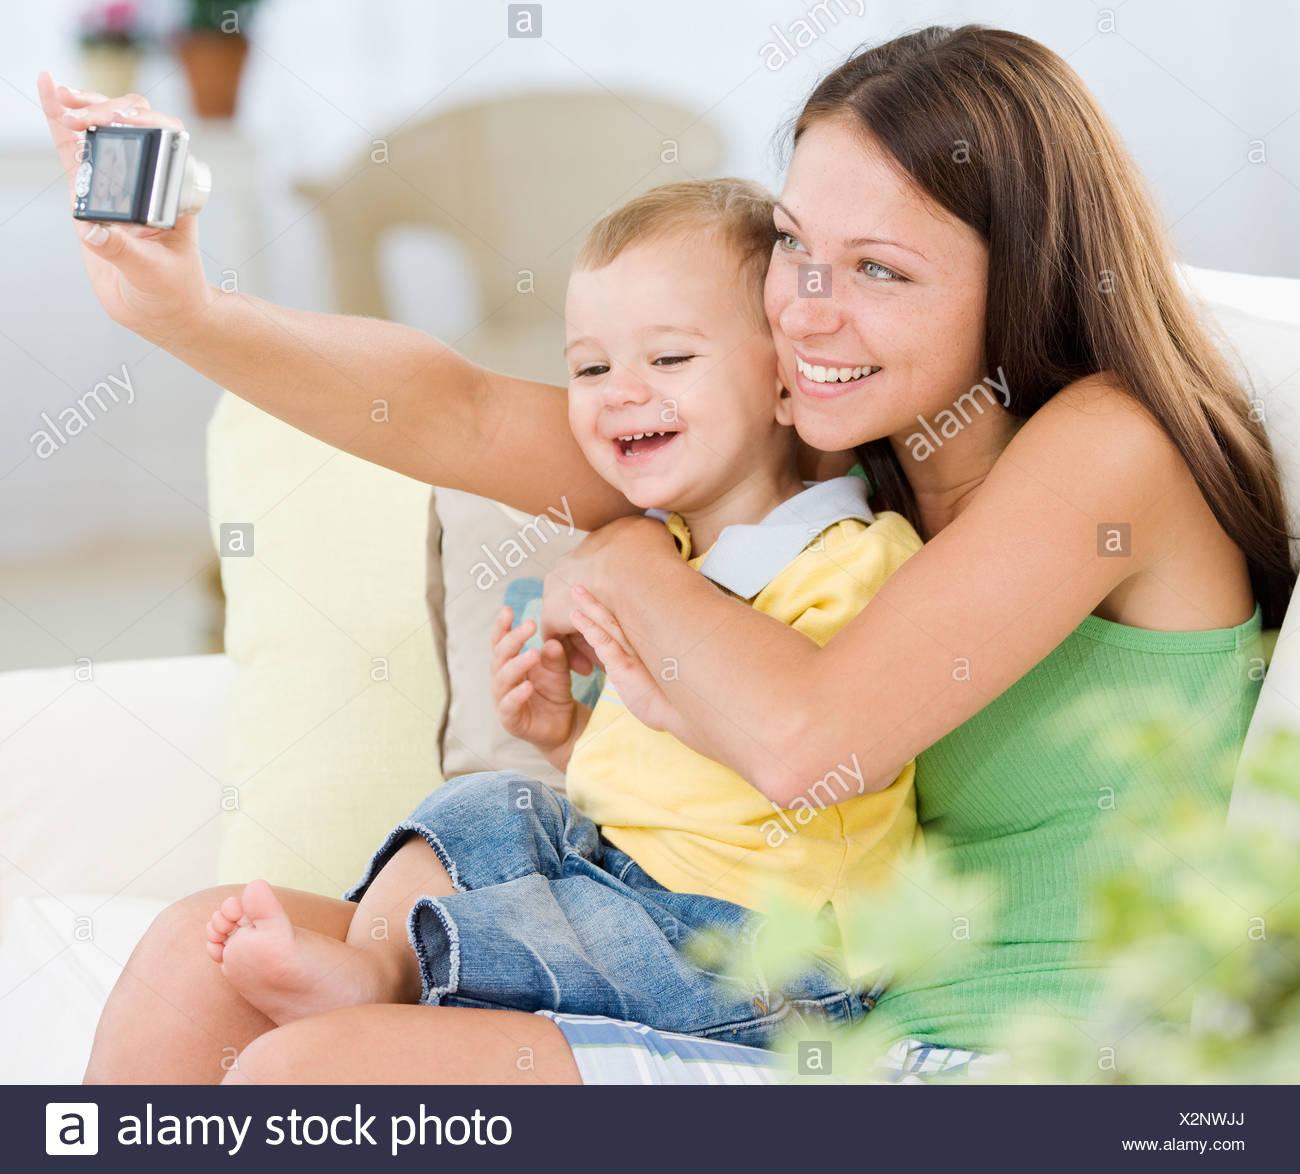 Madre teniendo propia fotografía con el bebé Imagen De Stock